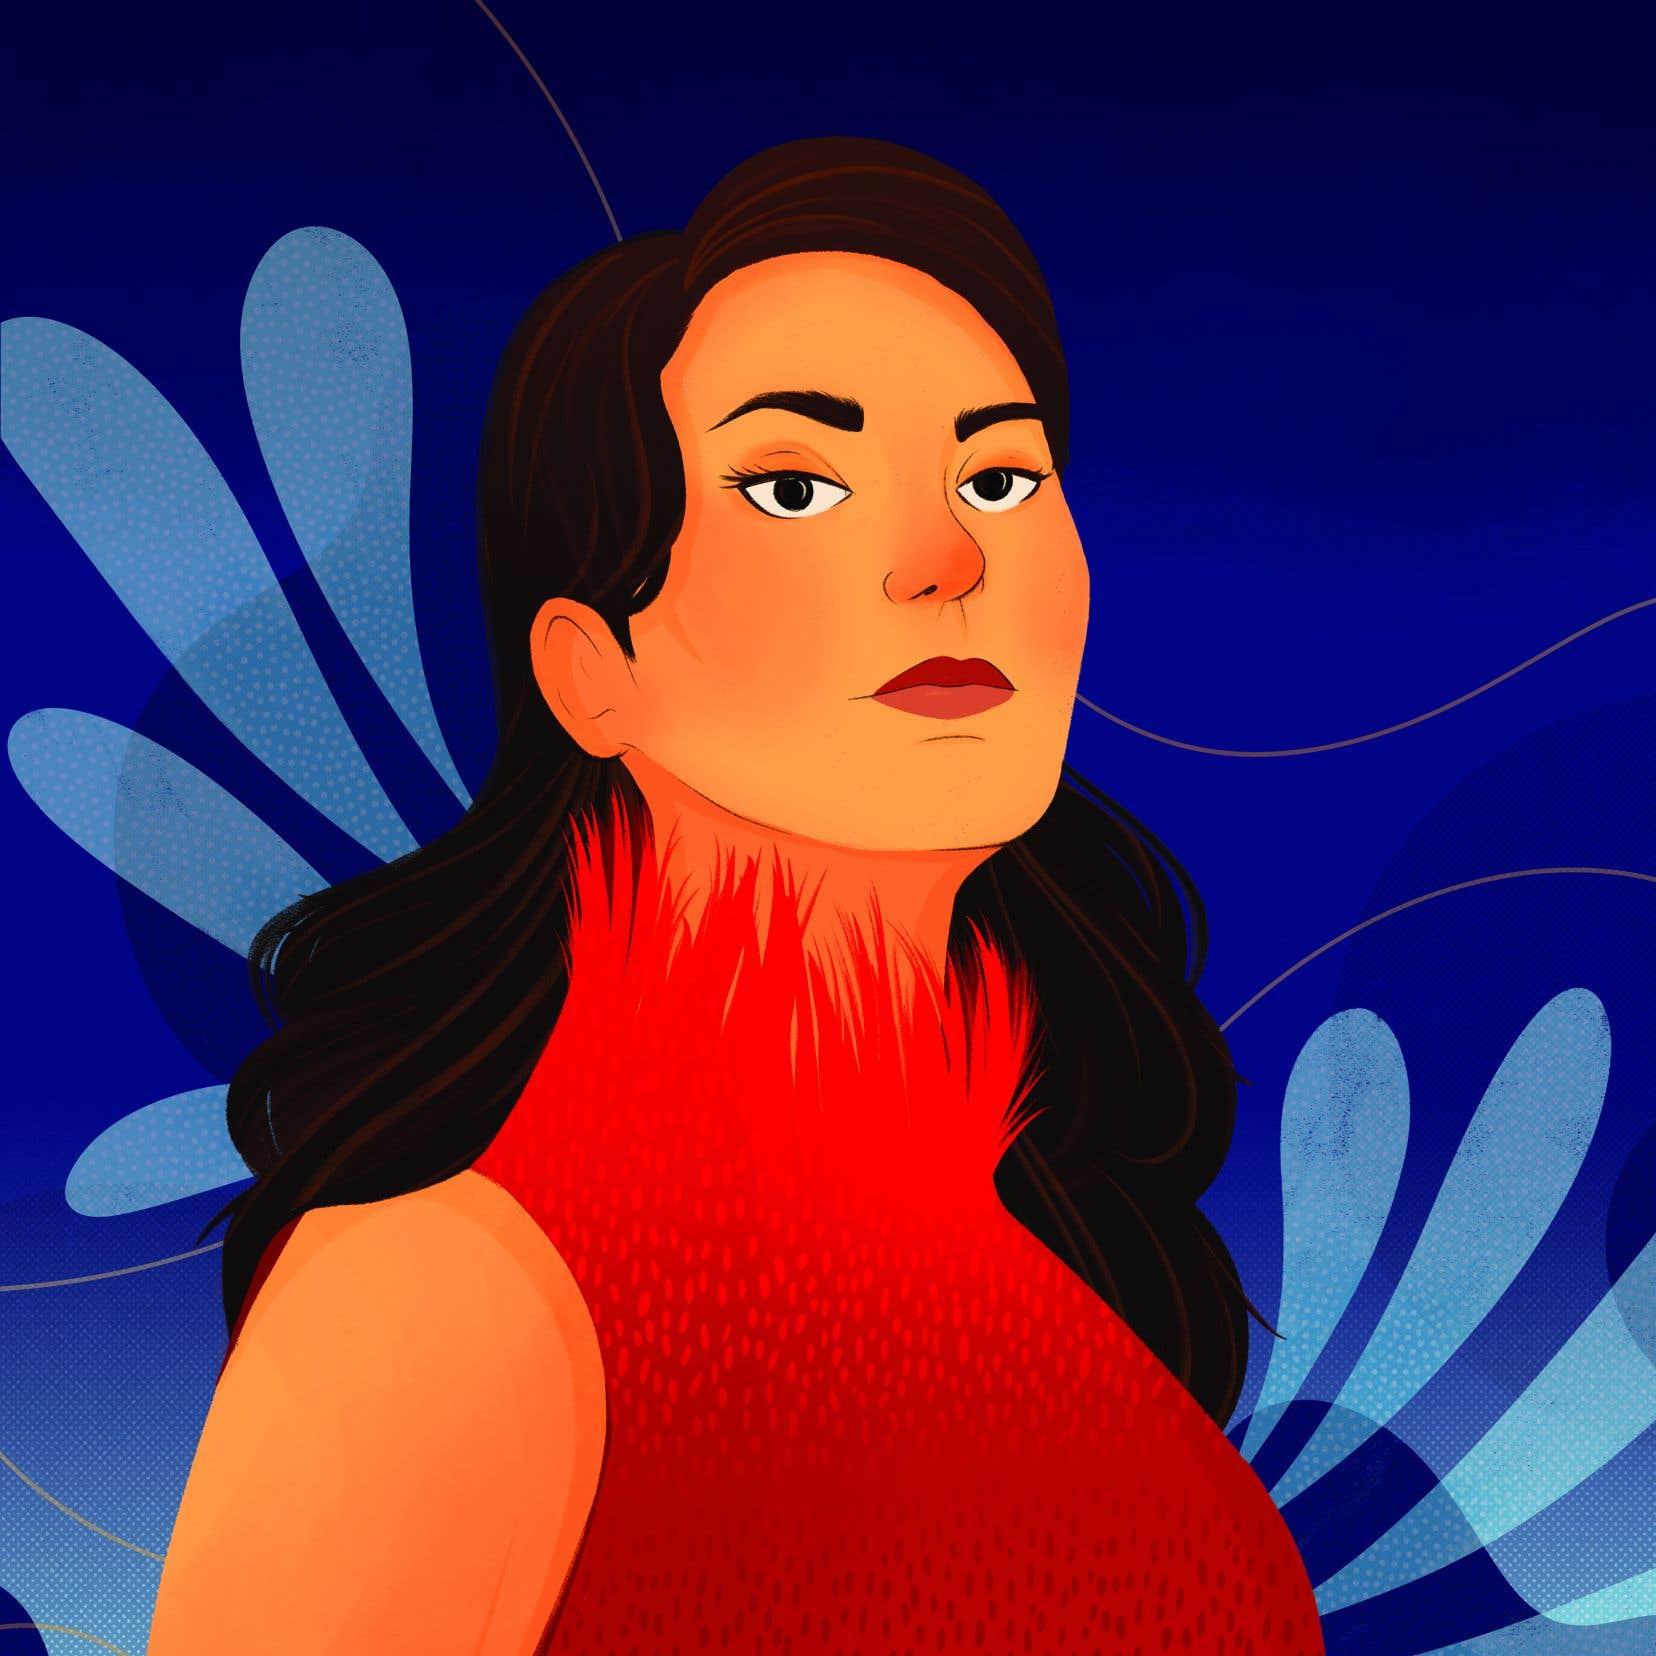 L'auteure et chanteuse de gorge inuite Tanya Tagaq vue par l'illustratrice Maia Faddoul